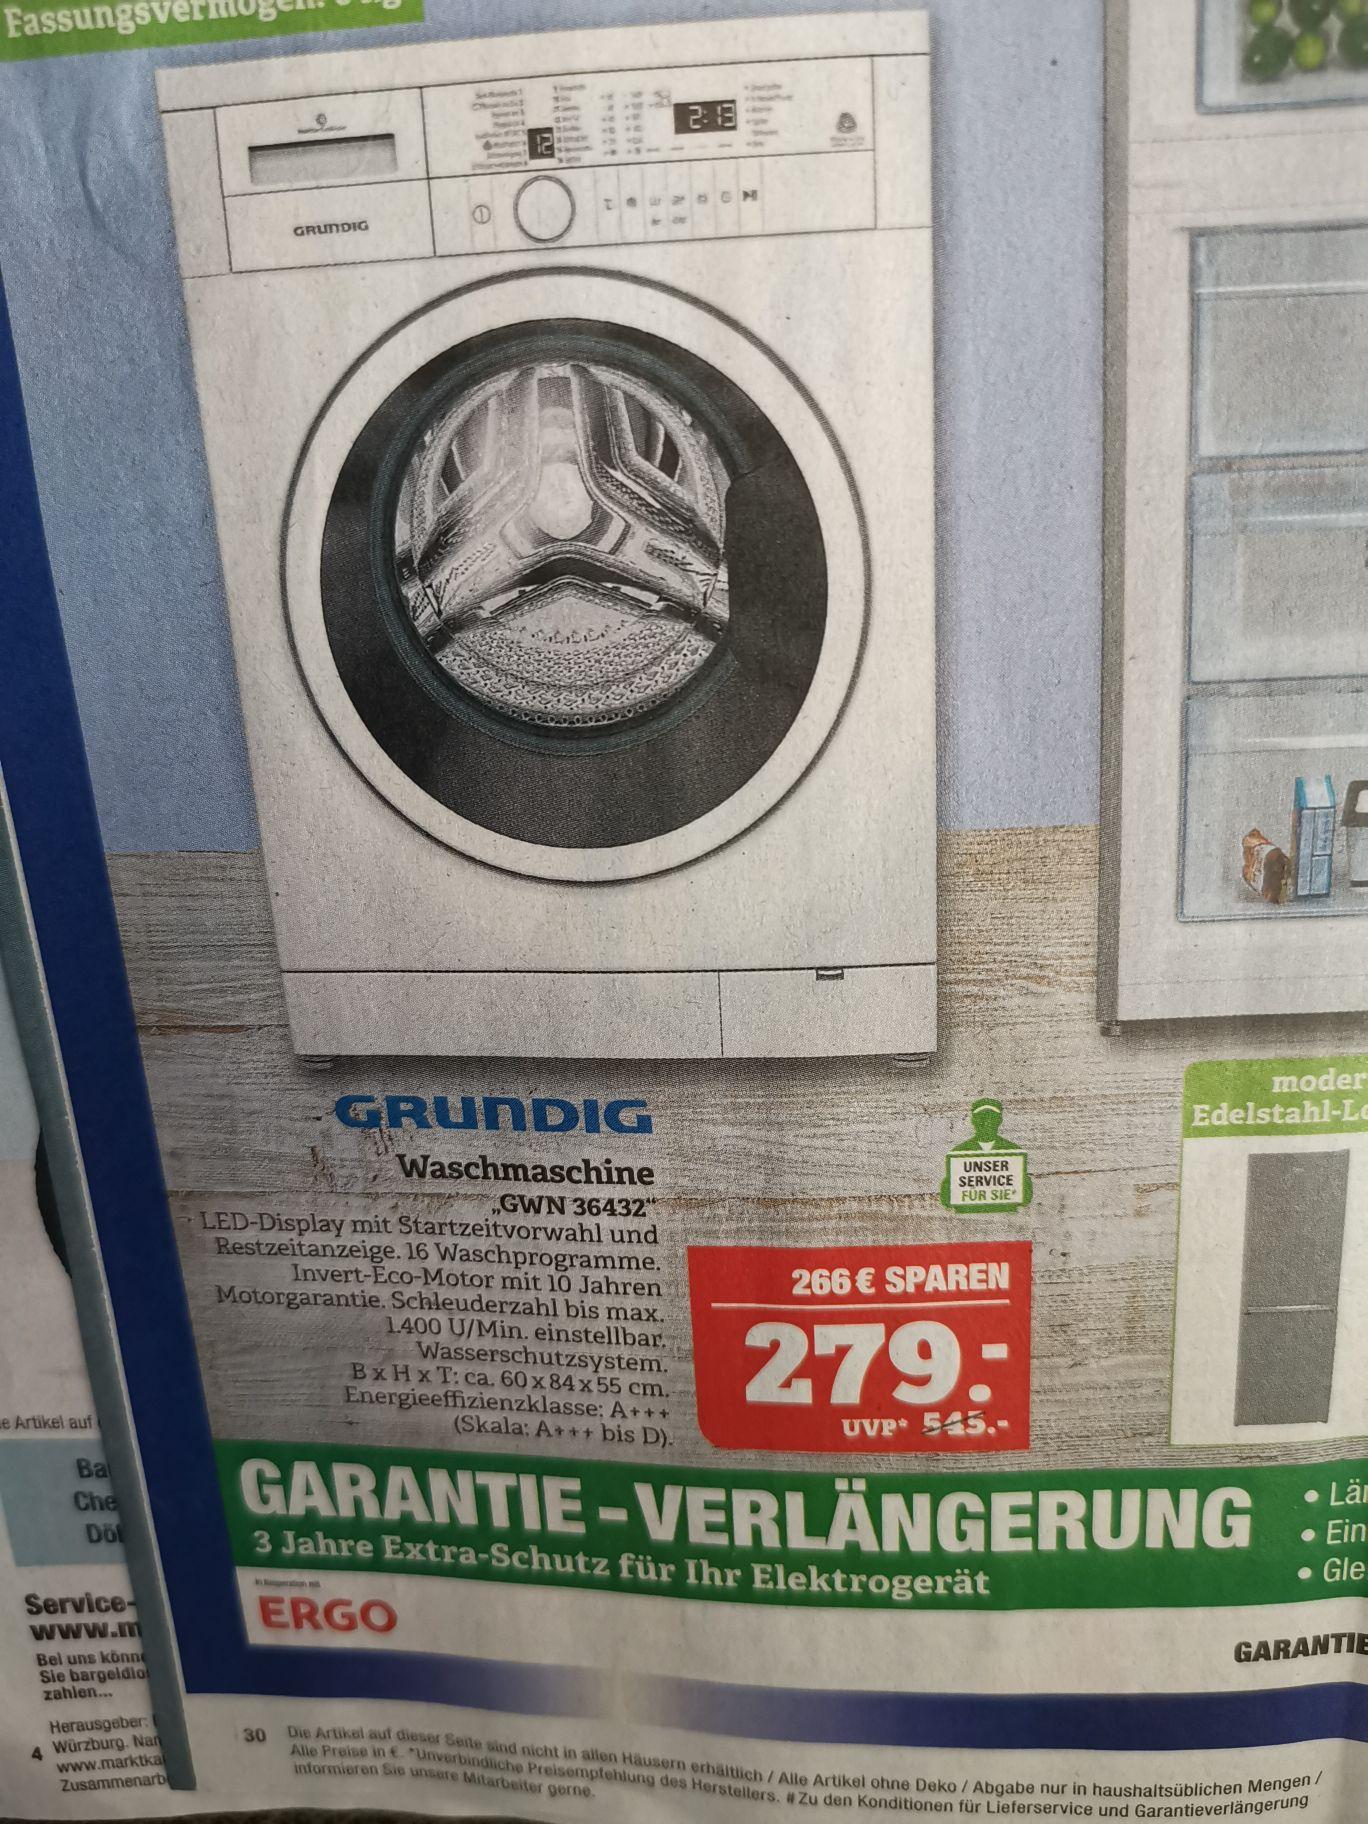 [lokal Marktkauf Saalfeld, Hof, evtl weitere] Waschmaschine Grundig GWN 36432